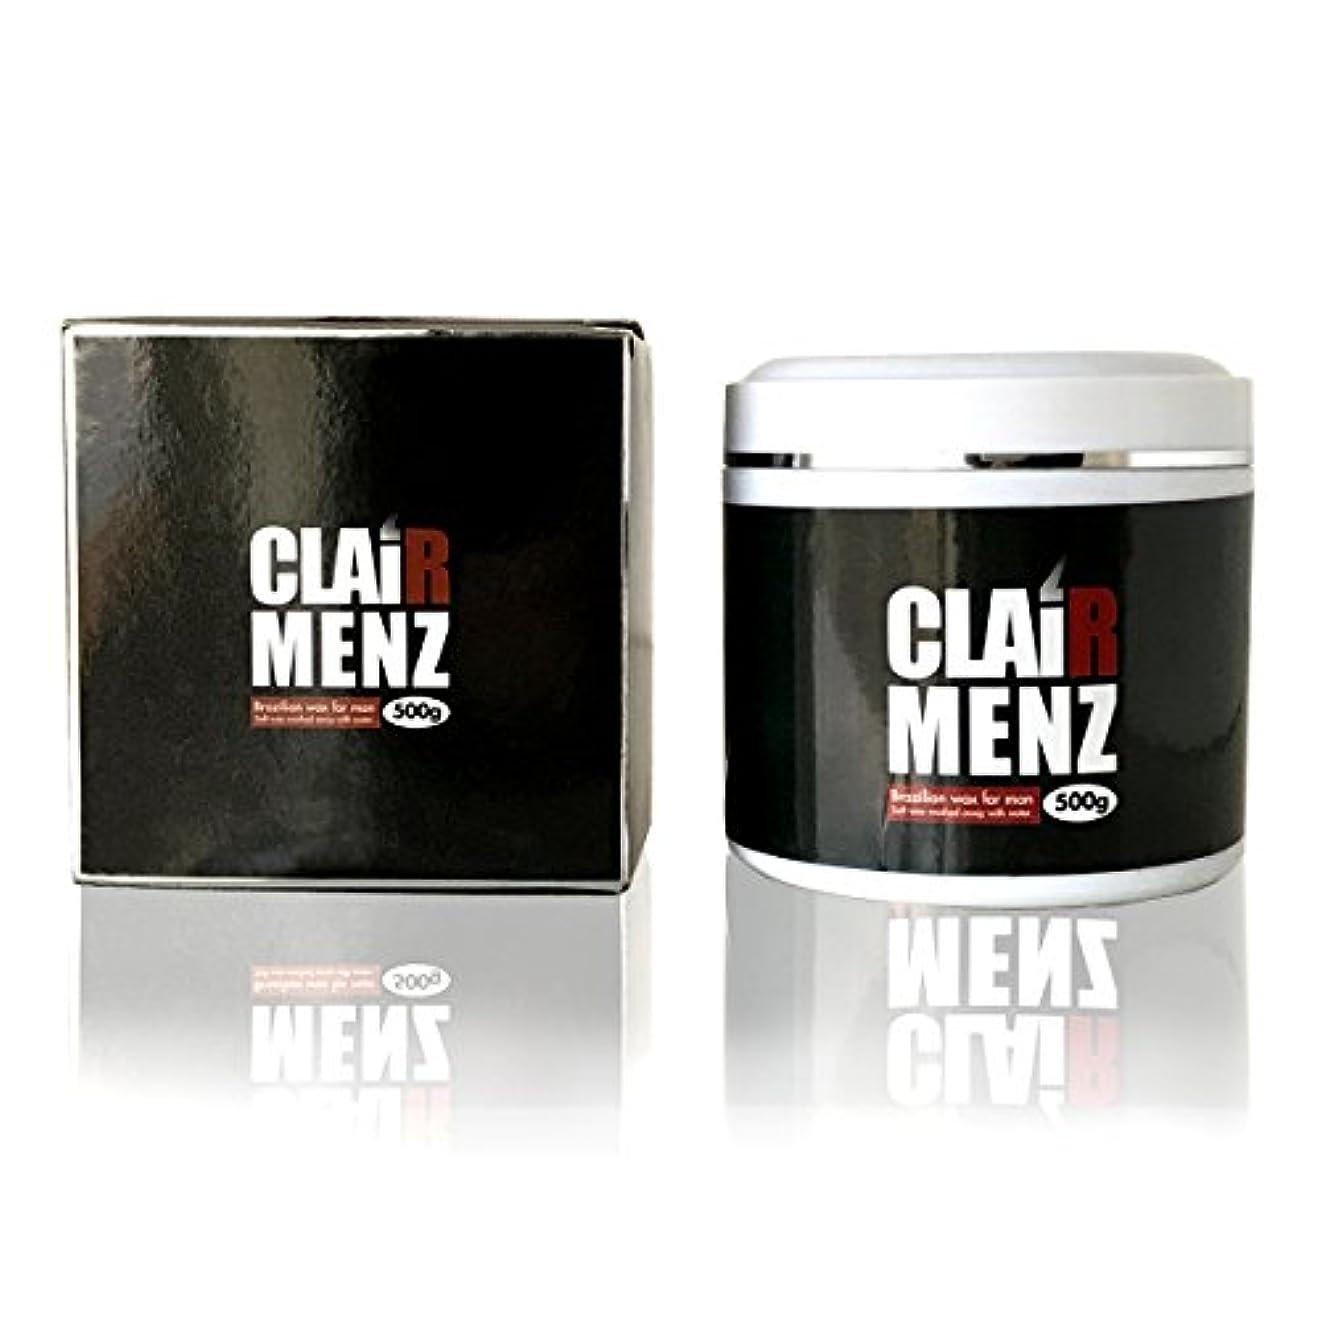 終わらせる状況クルーズブラジリアンワックス メンズ専用 clair Menz wax 500g(単品) メンズ脱毛専用ラベル 無添加ワックス 脱毛ワックス